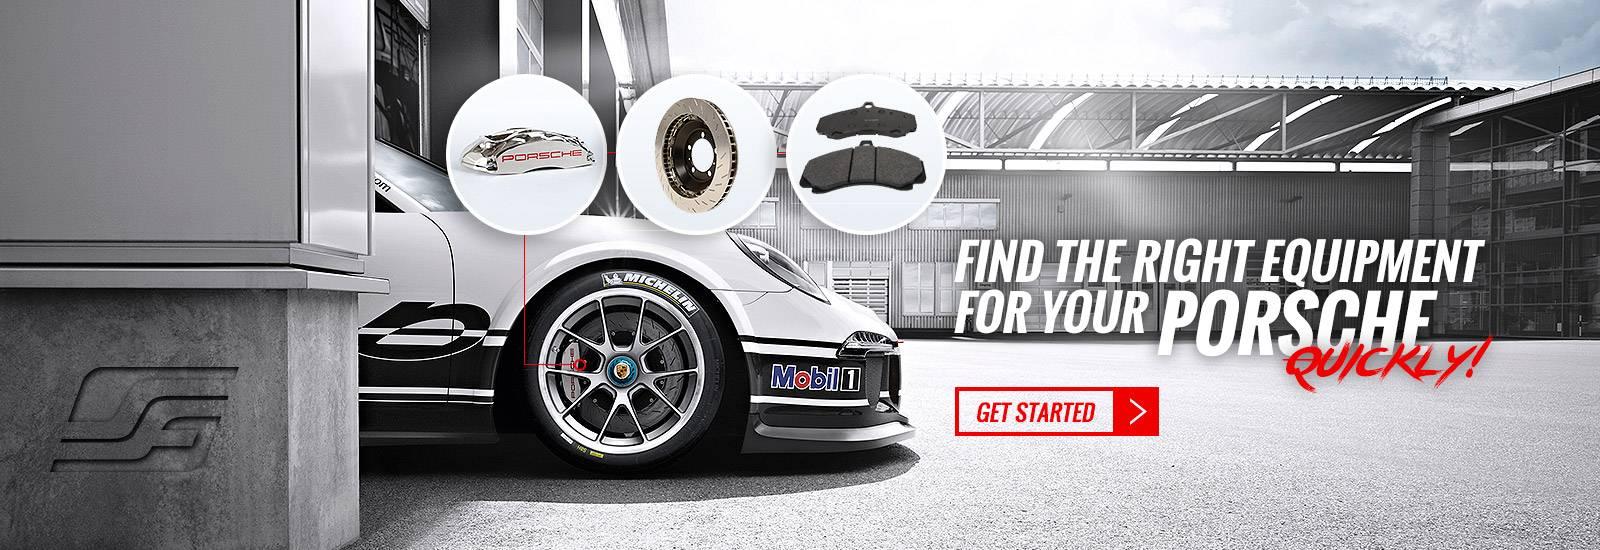 Shop Porsche Producs